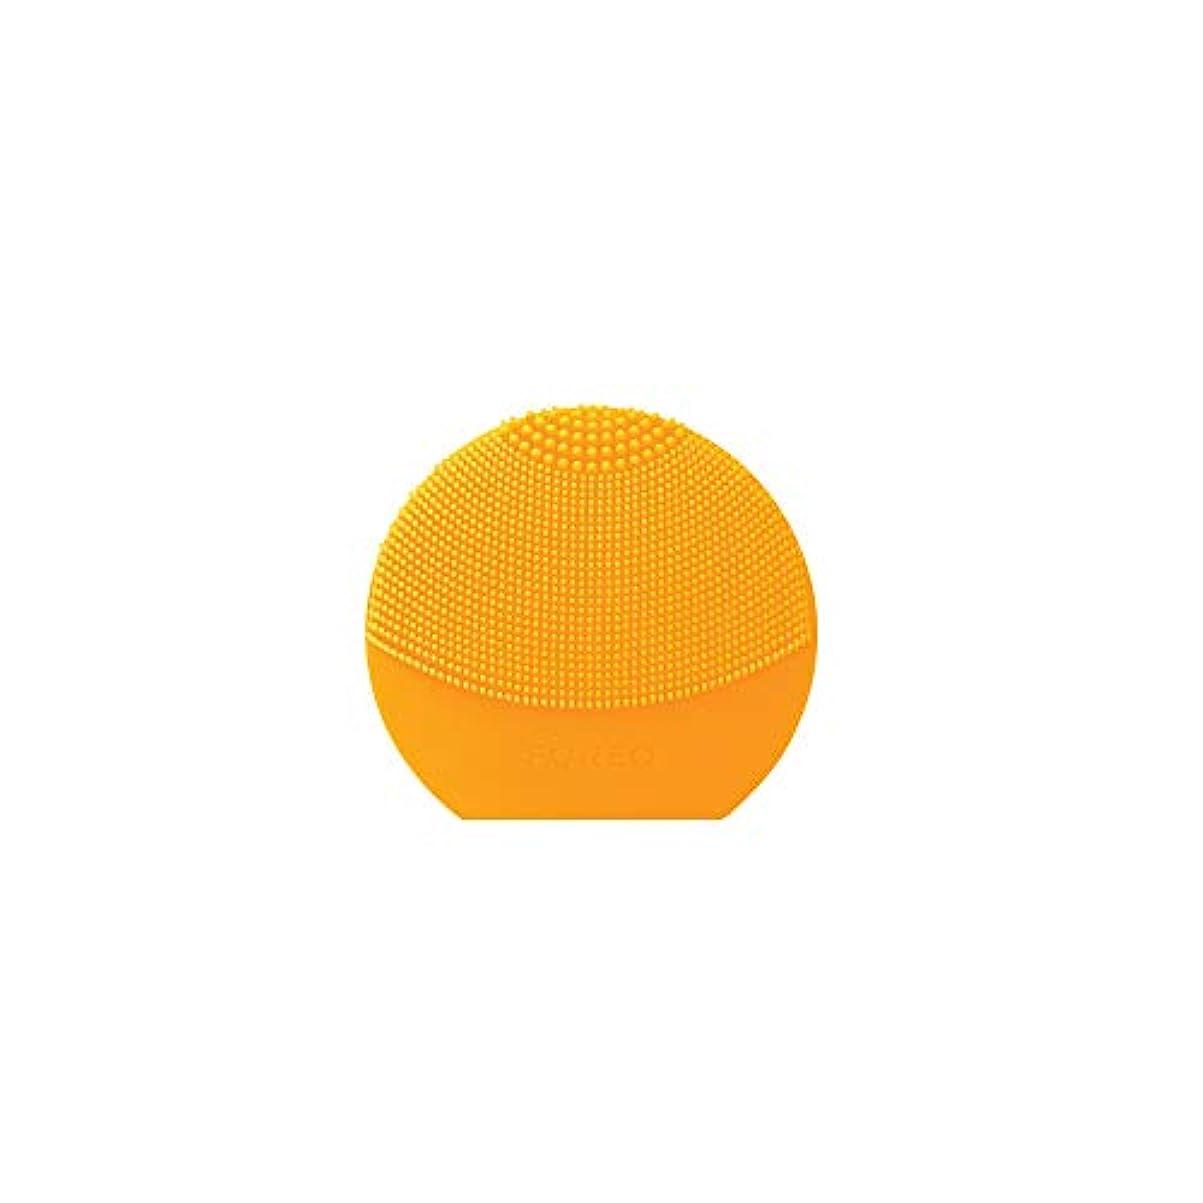 FOREO LUNA Play Plus サンフラワーイエロー シリコーン製 音波振動 電動洗顔ブラシ 電池式